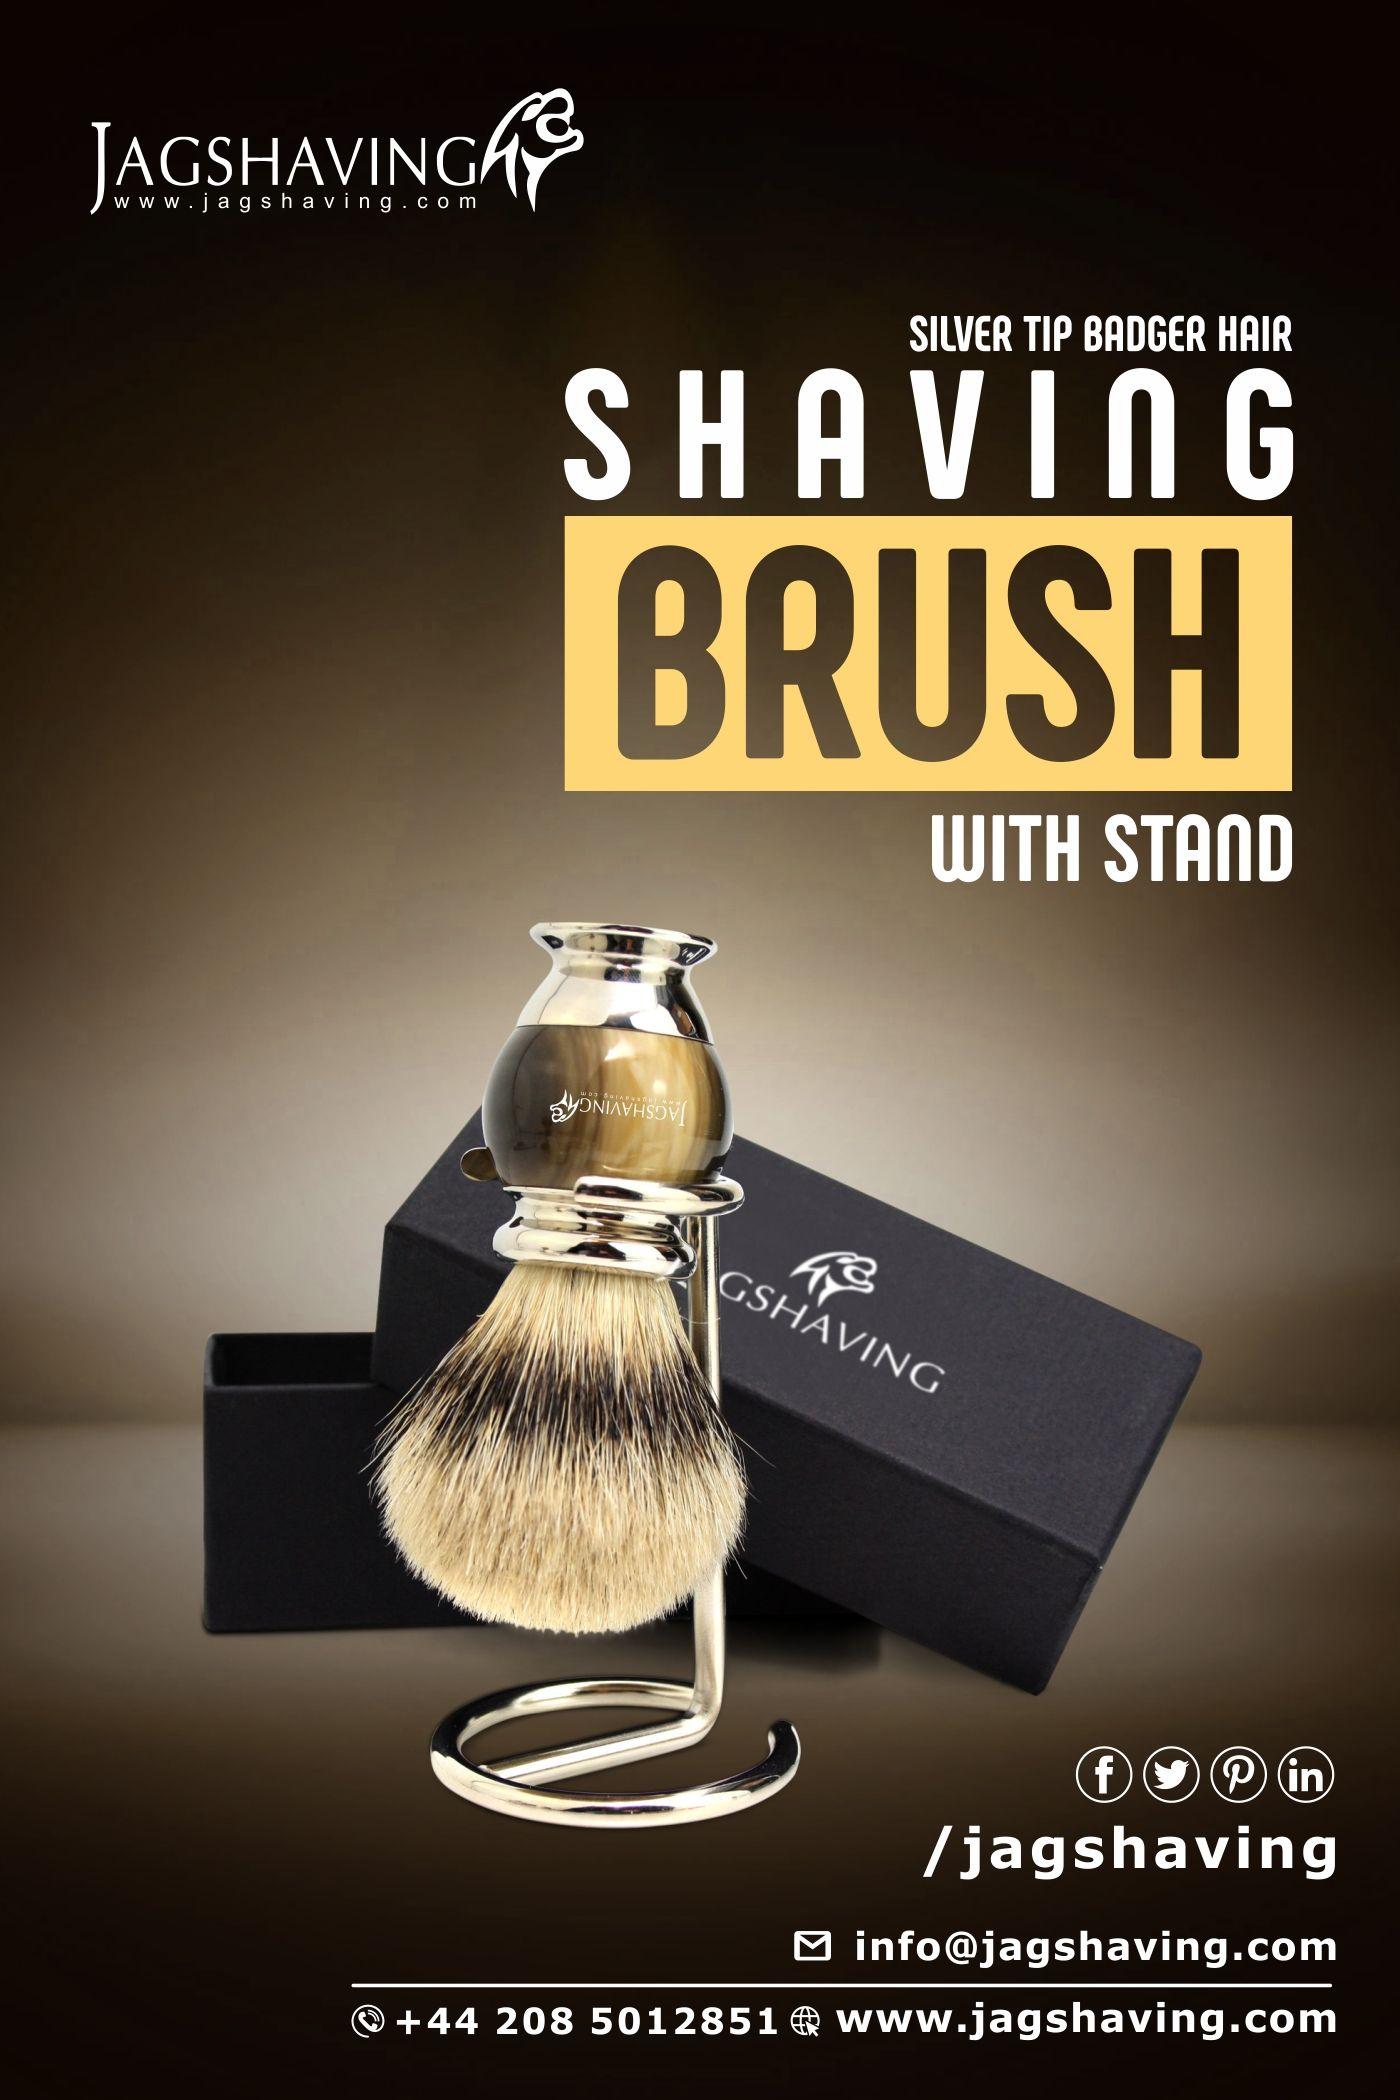 shaving shaving_brush brush shaving_stand gillette